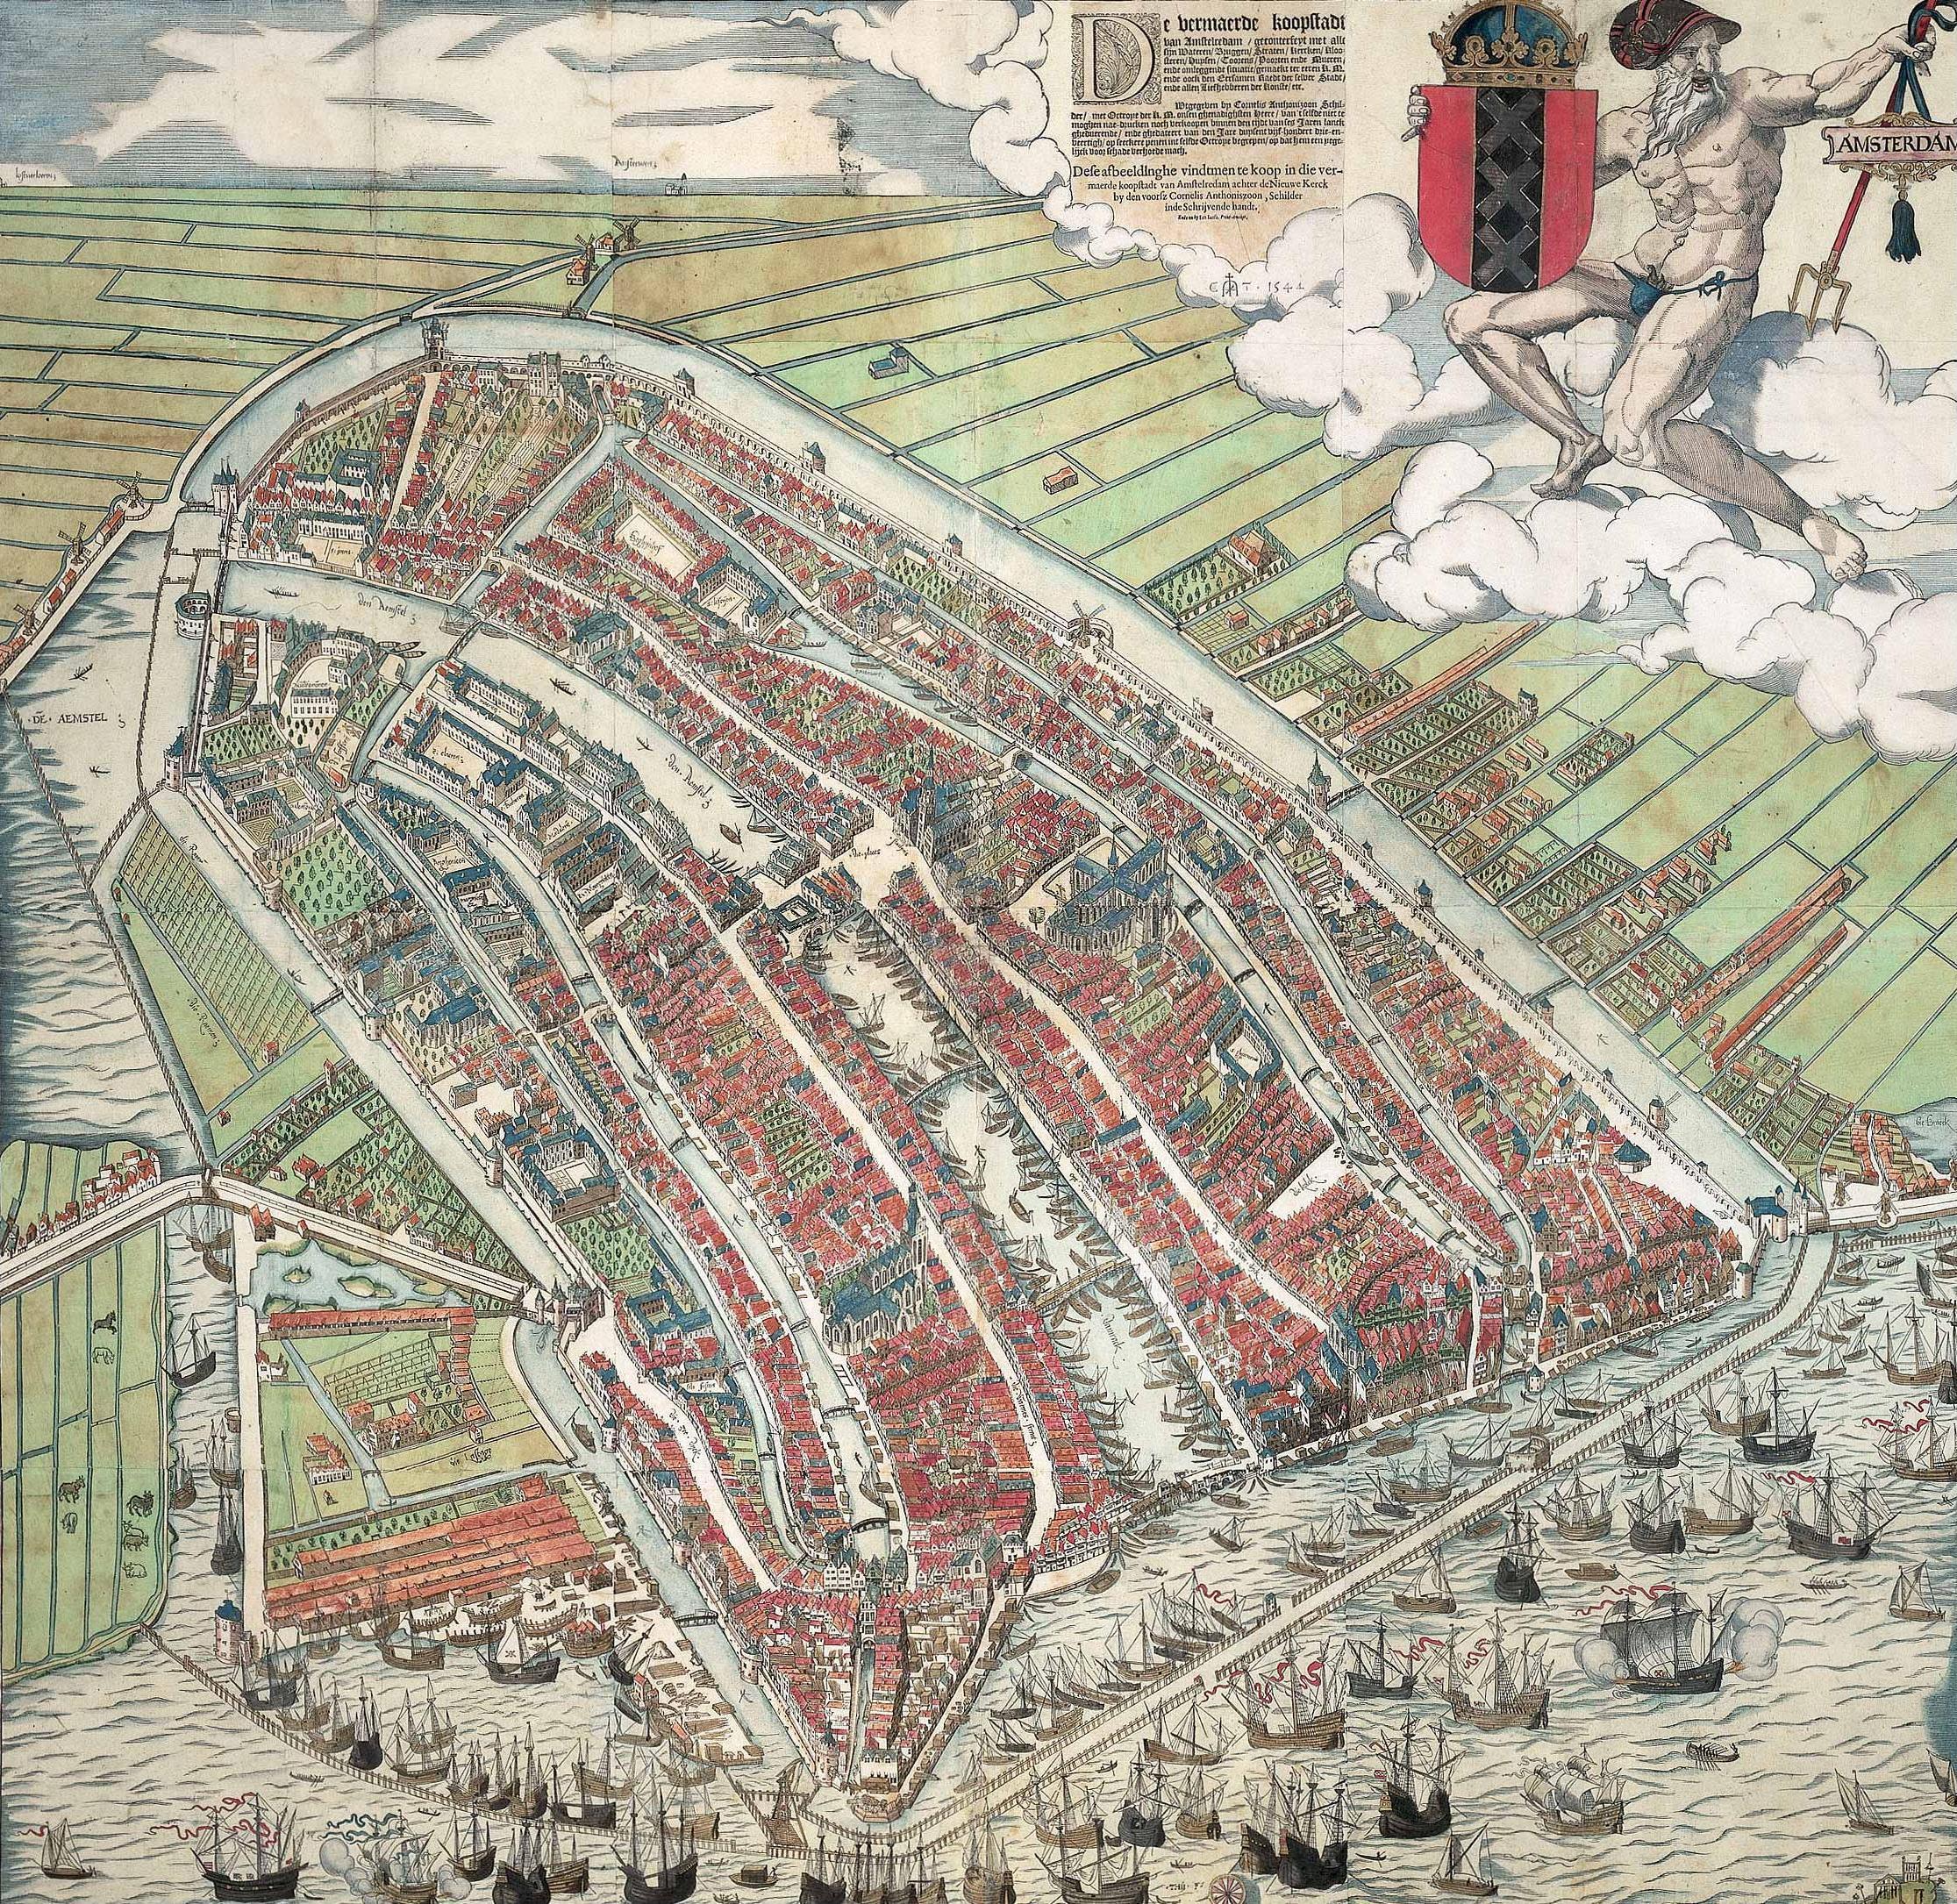 Cornelis Anthonisz. Vogelvluchtkaart van Amsterdam centrum binnenstad